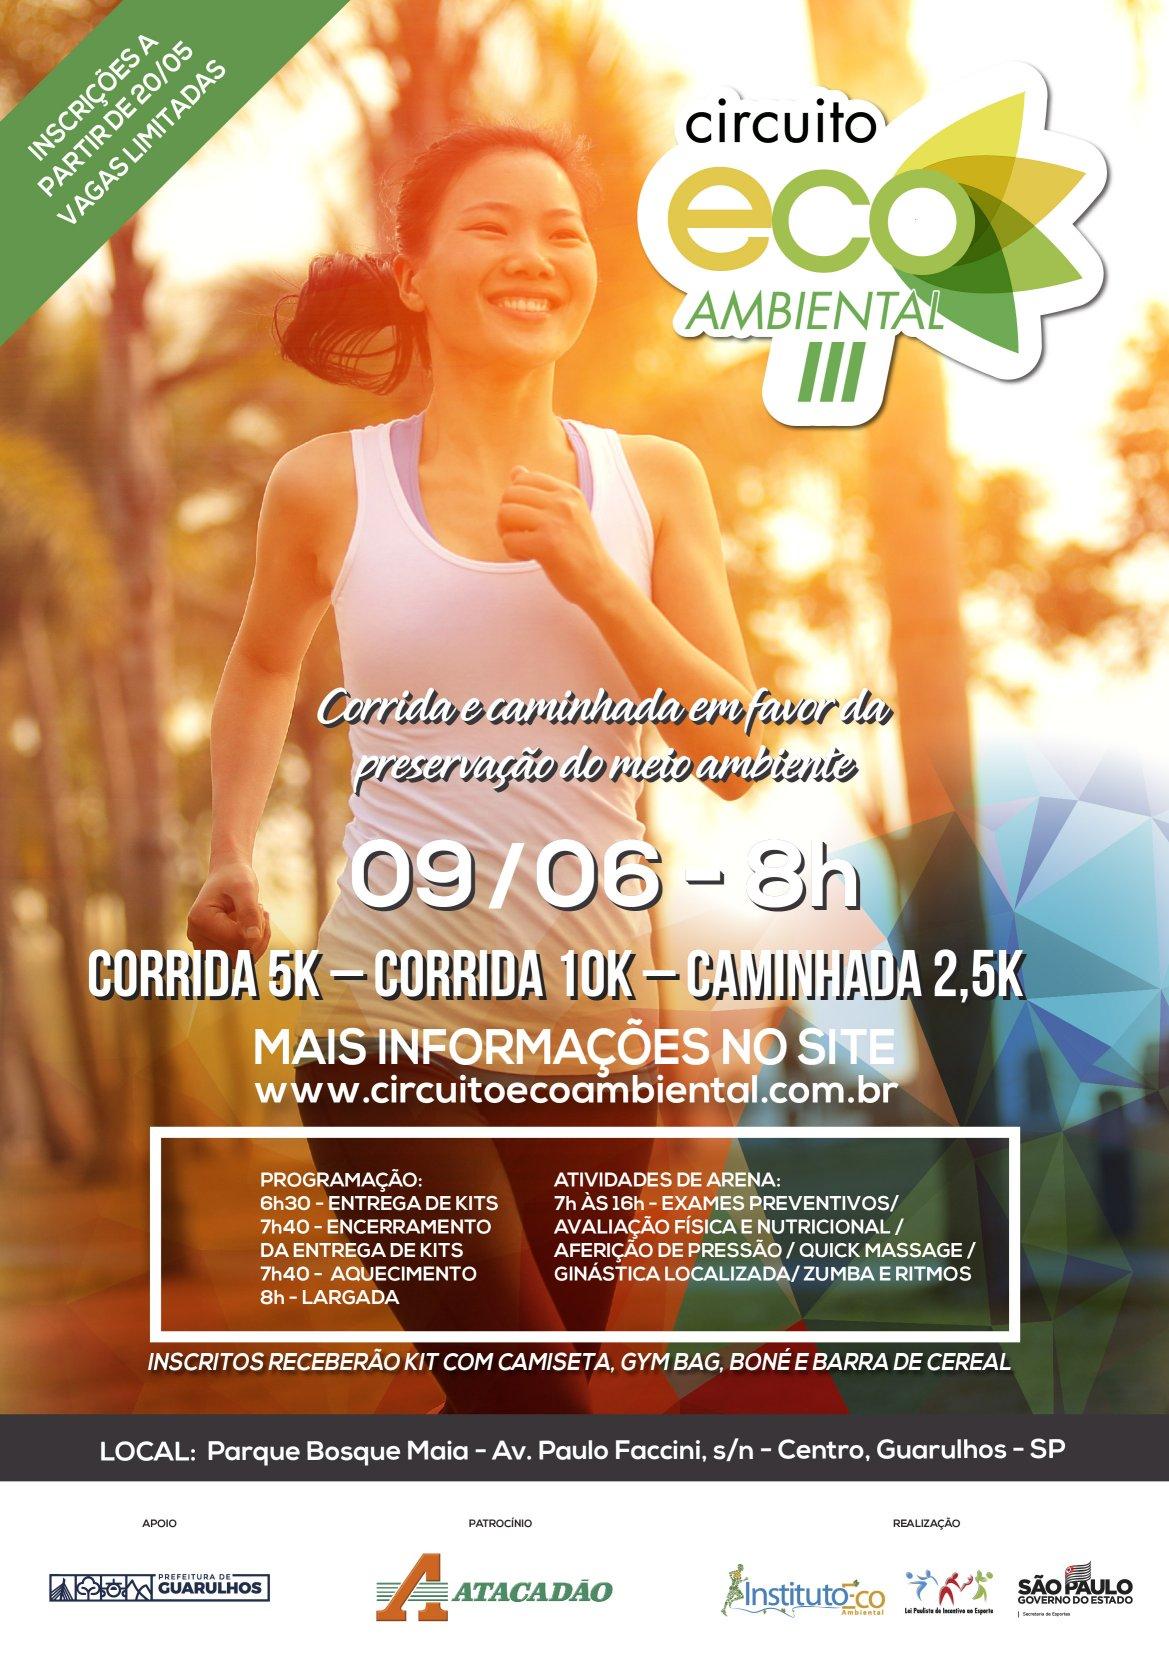 Cartaz Convite Eco Ambiental III Guarulhos_Cartaz A3 copy